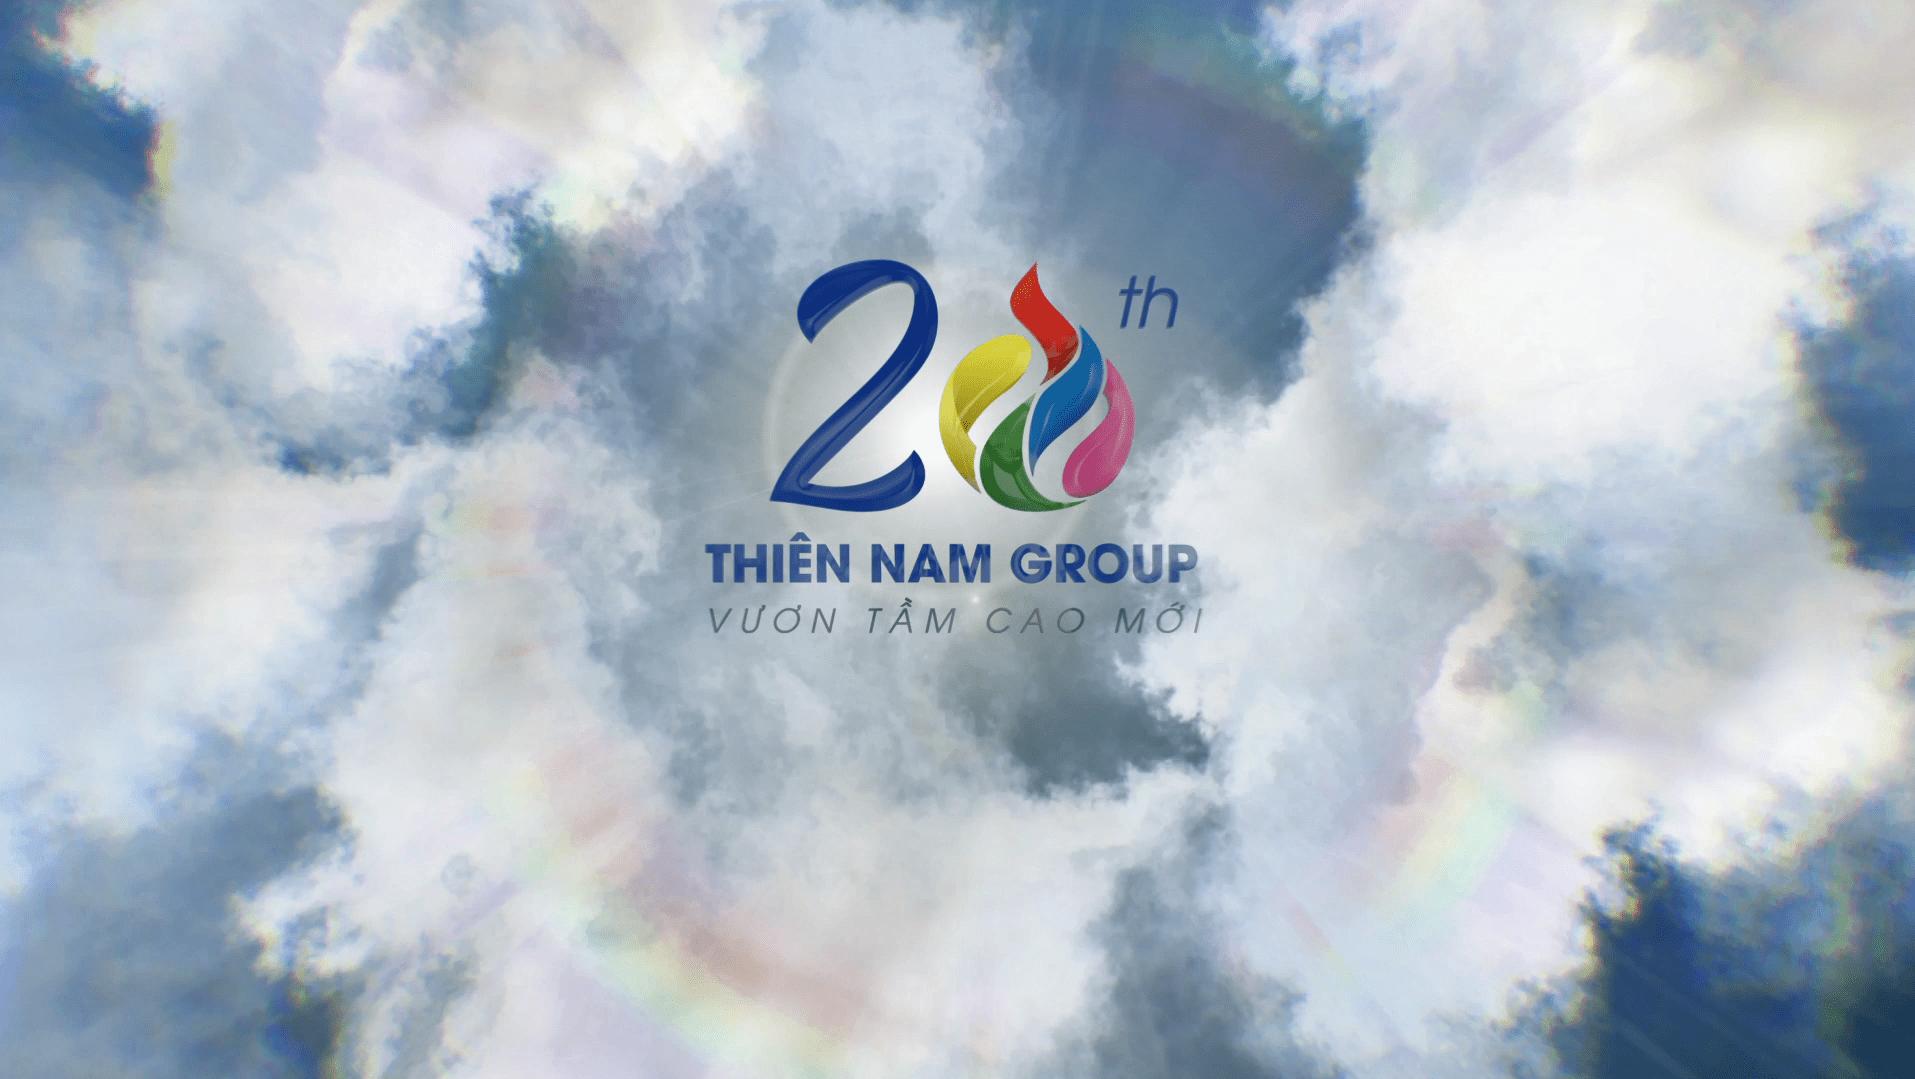 Video Lịch sử 20 năm Thiên Nam Group hình thành và phát triển